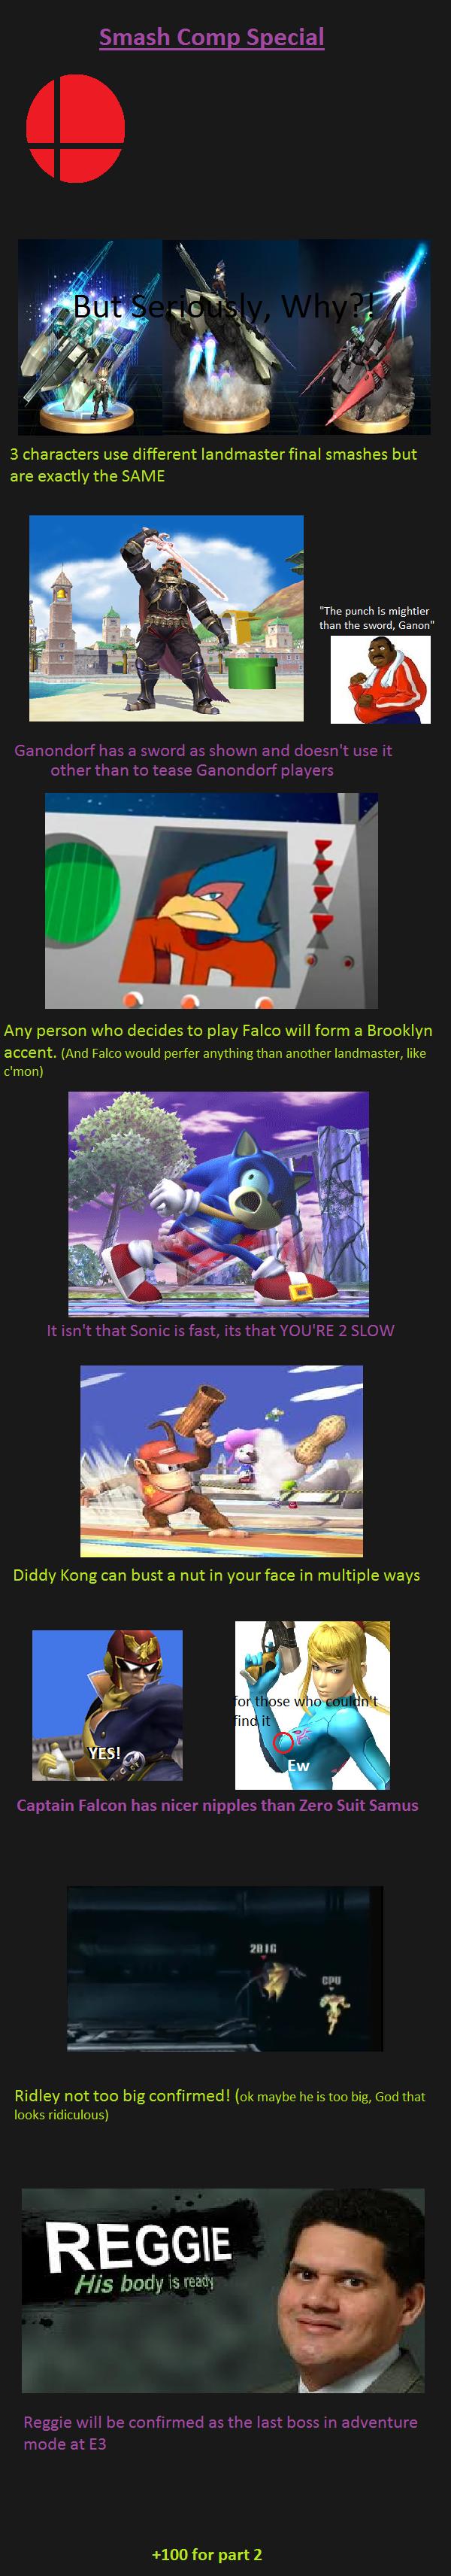 Smash Bros. Comp Special. Comp 1 /Smash+Comp/funny-pictures/5036619/ Comp 2 /Smash+Comp+2/funny-pictures/5037938/. smash bros Nintendo